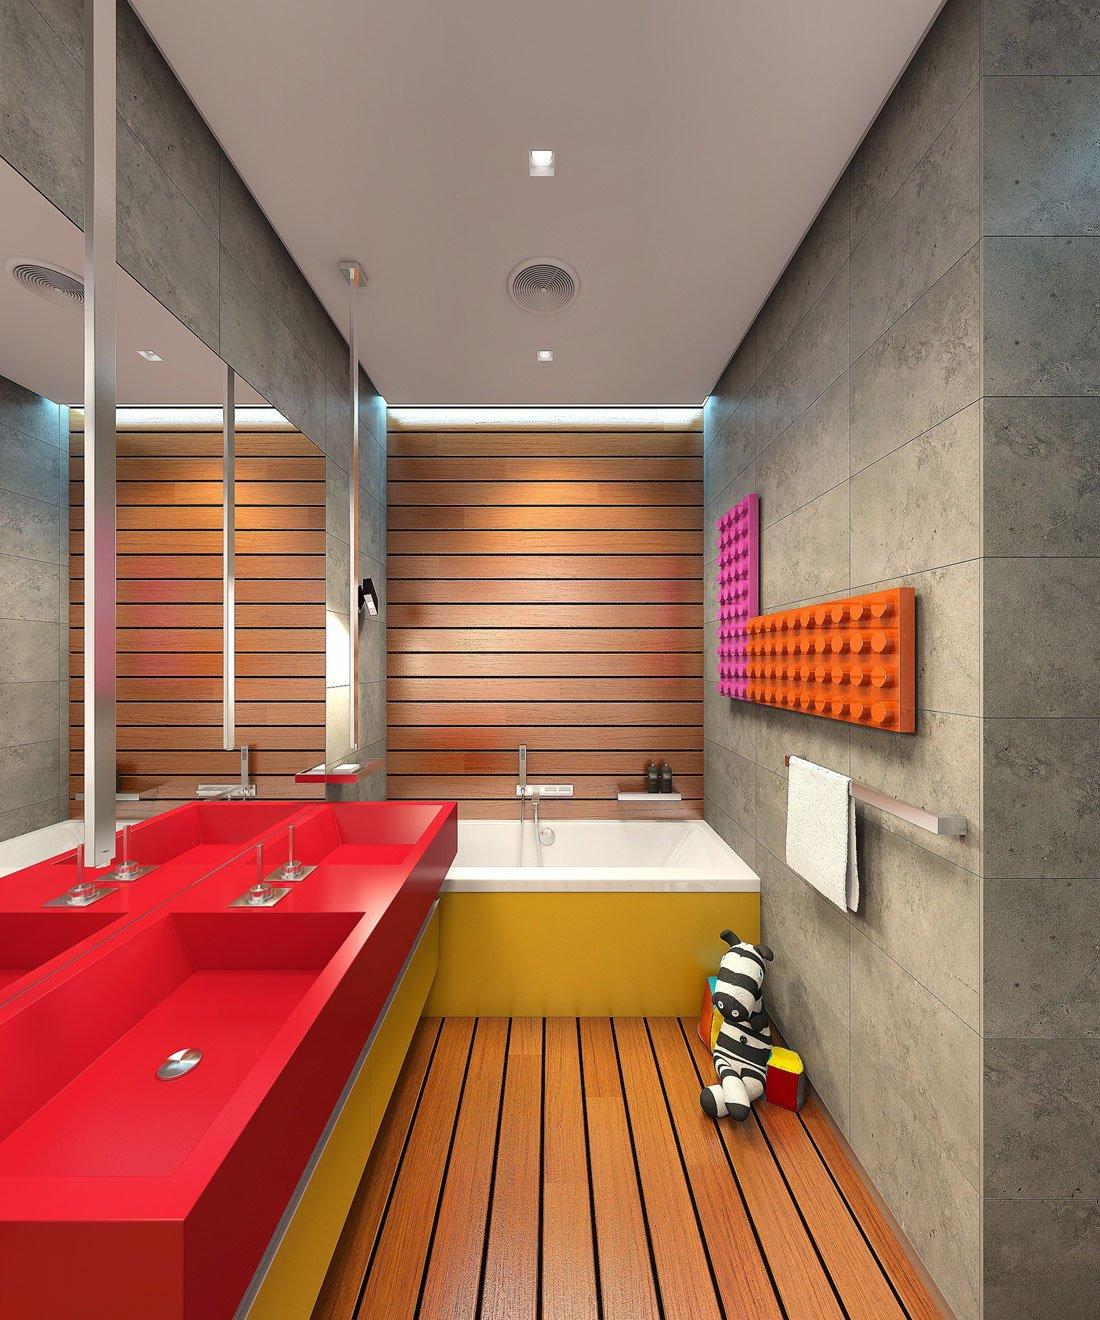 Ba os ideas imprescindibles de dise o y decoraci n for Diseno de banos con guardas verticales